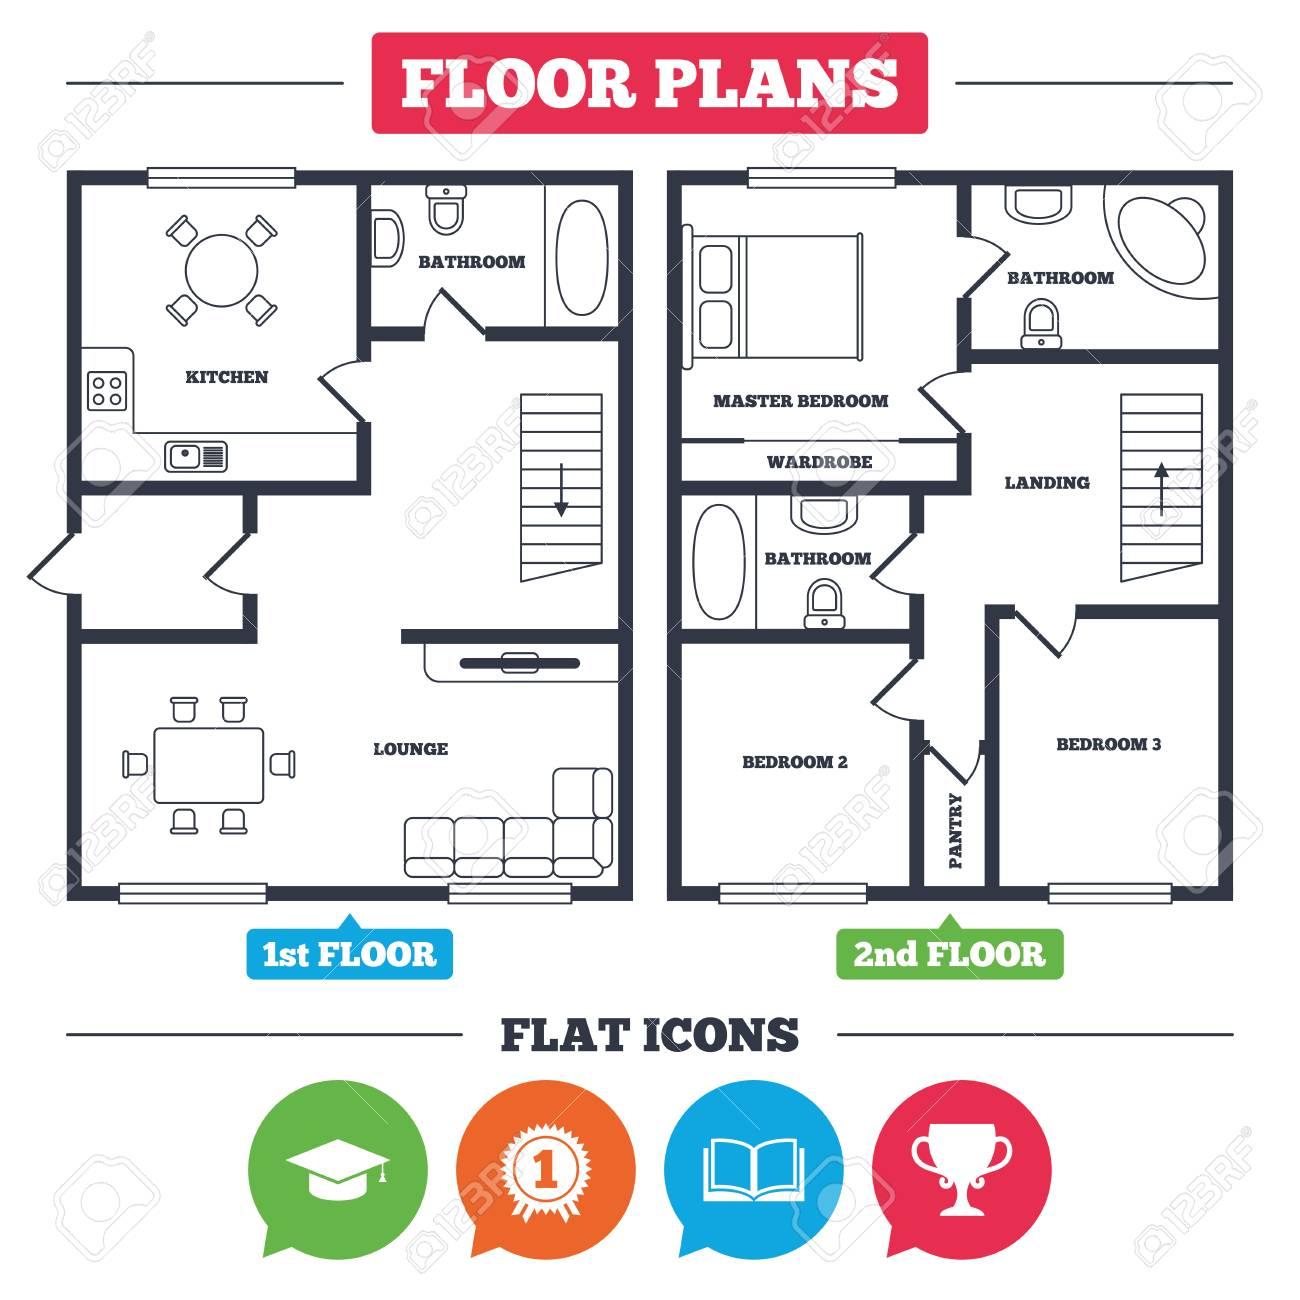 Plan De Arquitectura Con Muebles. Plano De La Casa Iconos De ...